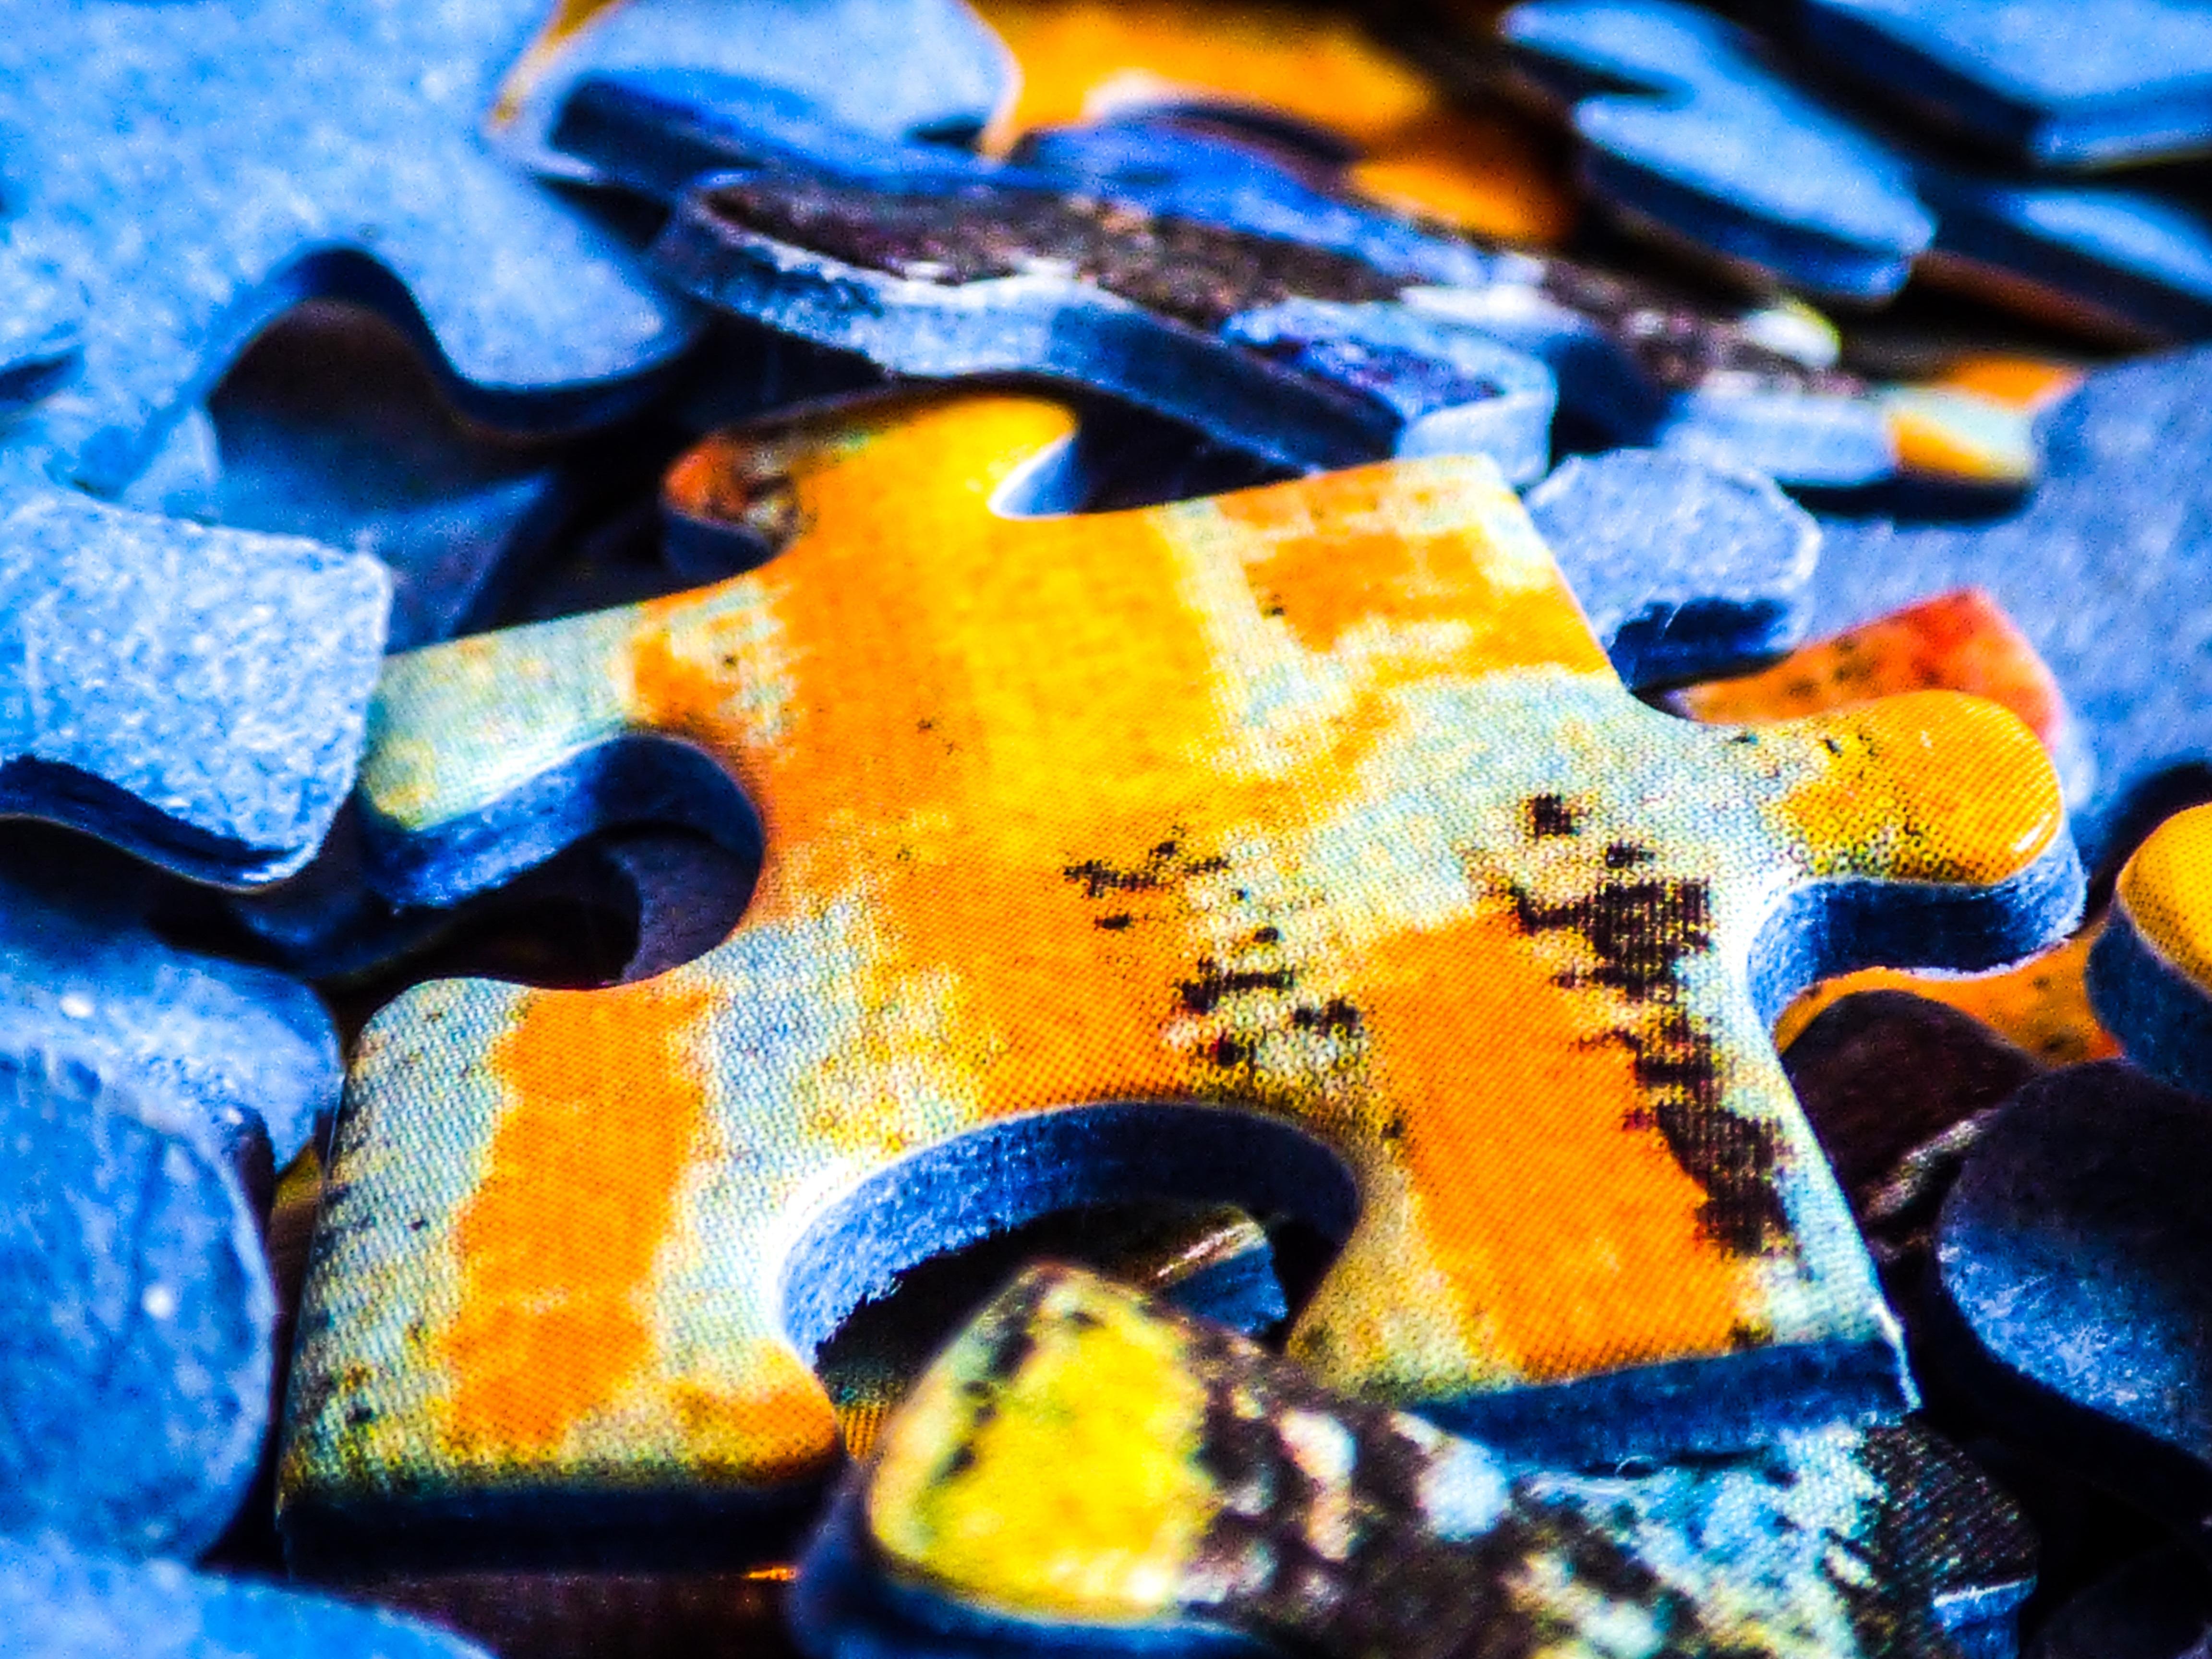 Fotos gratis : juego, hoja, número, comida, color, azul, amarillo ...